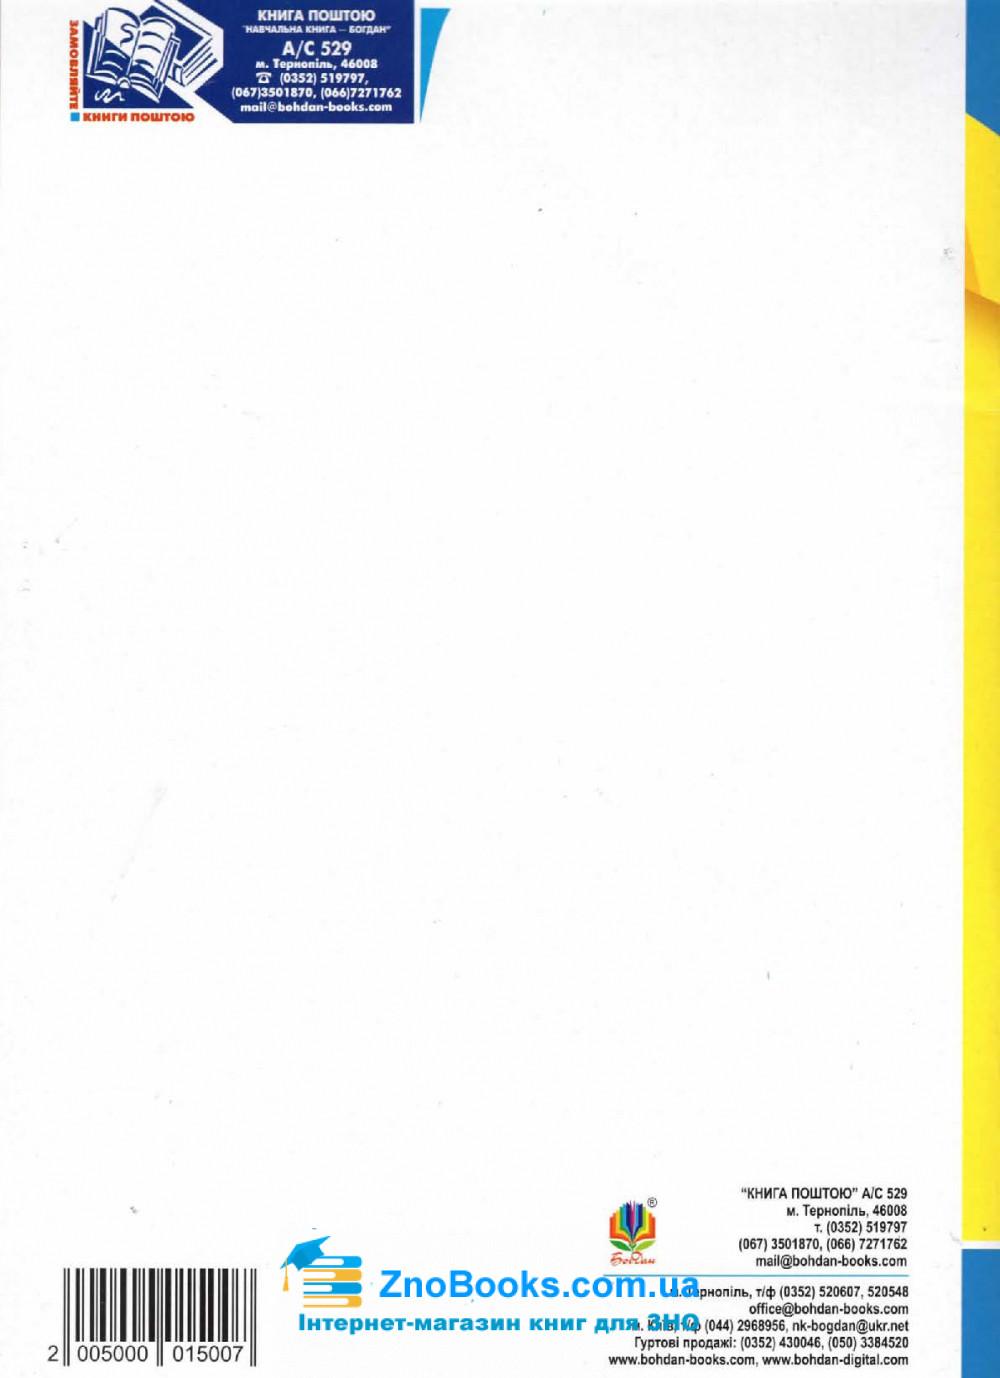 ЗНО 2020 Біологія. Тестові завдання. Олійник І. Навчальна книга - Богдан. купити 11